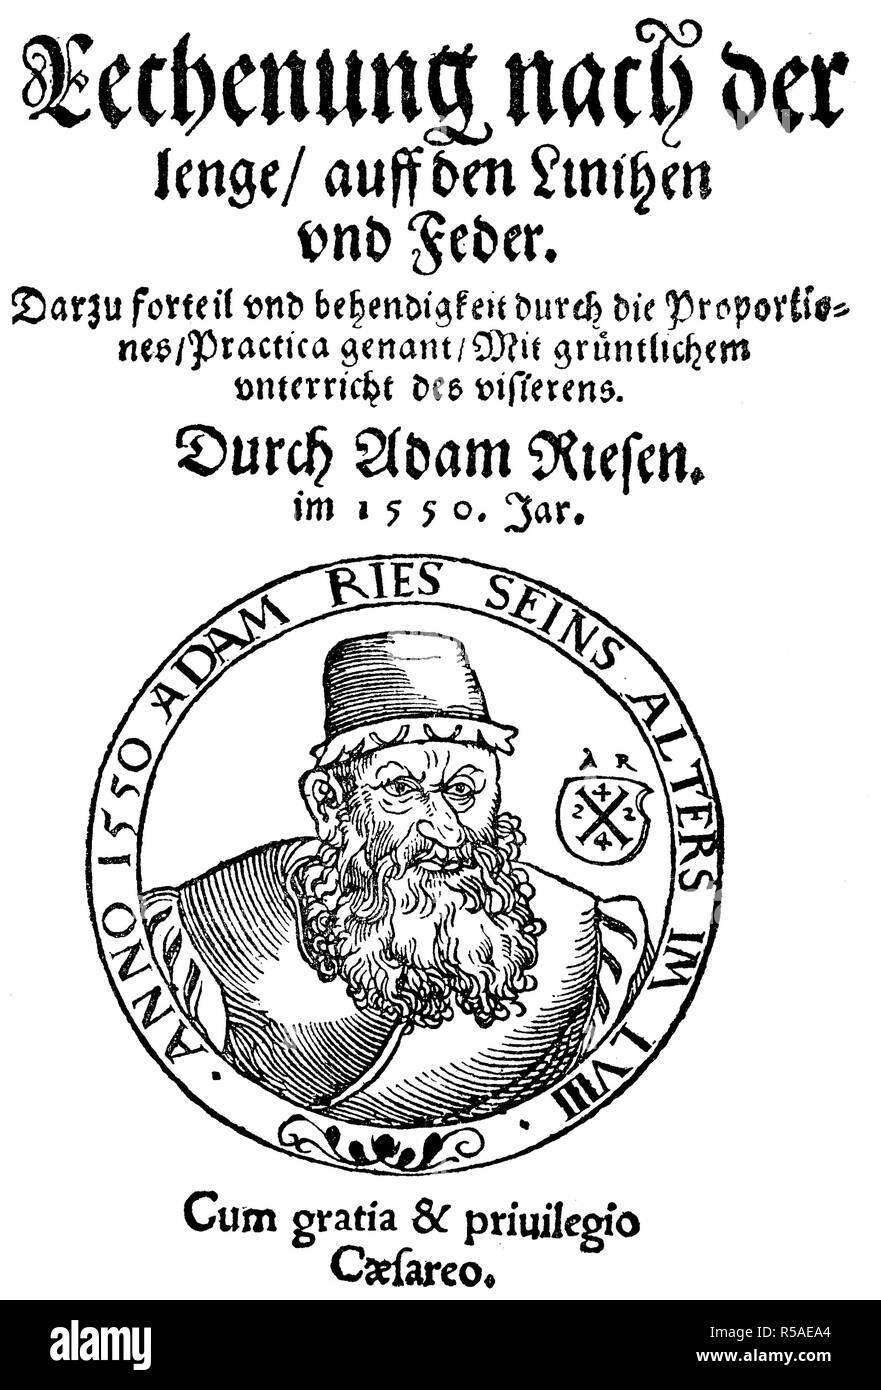 Adam Ries, Adam Riese, 1492, 1559, matematico tedesco, 1550, titolo di libro Rechnung nach der Lenge, xilografia, Germania Immagini Stock